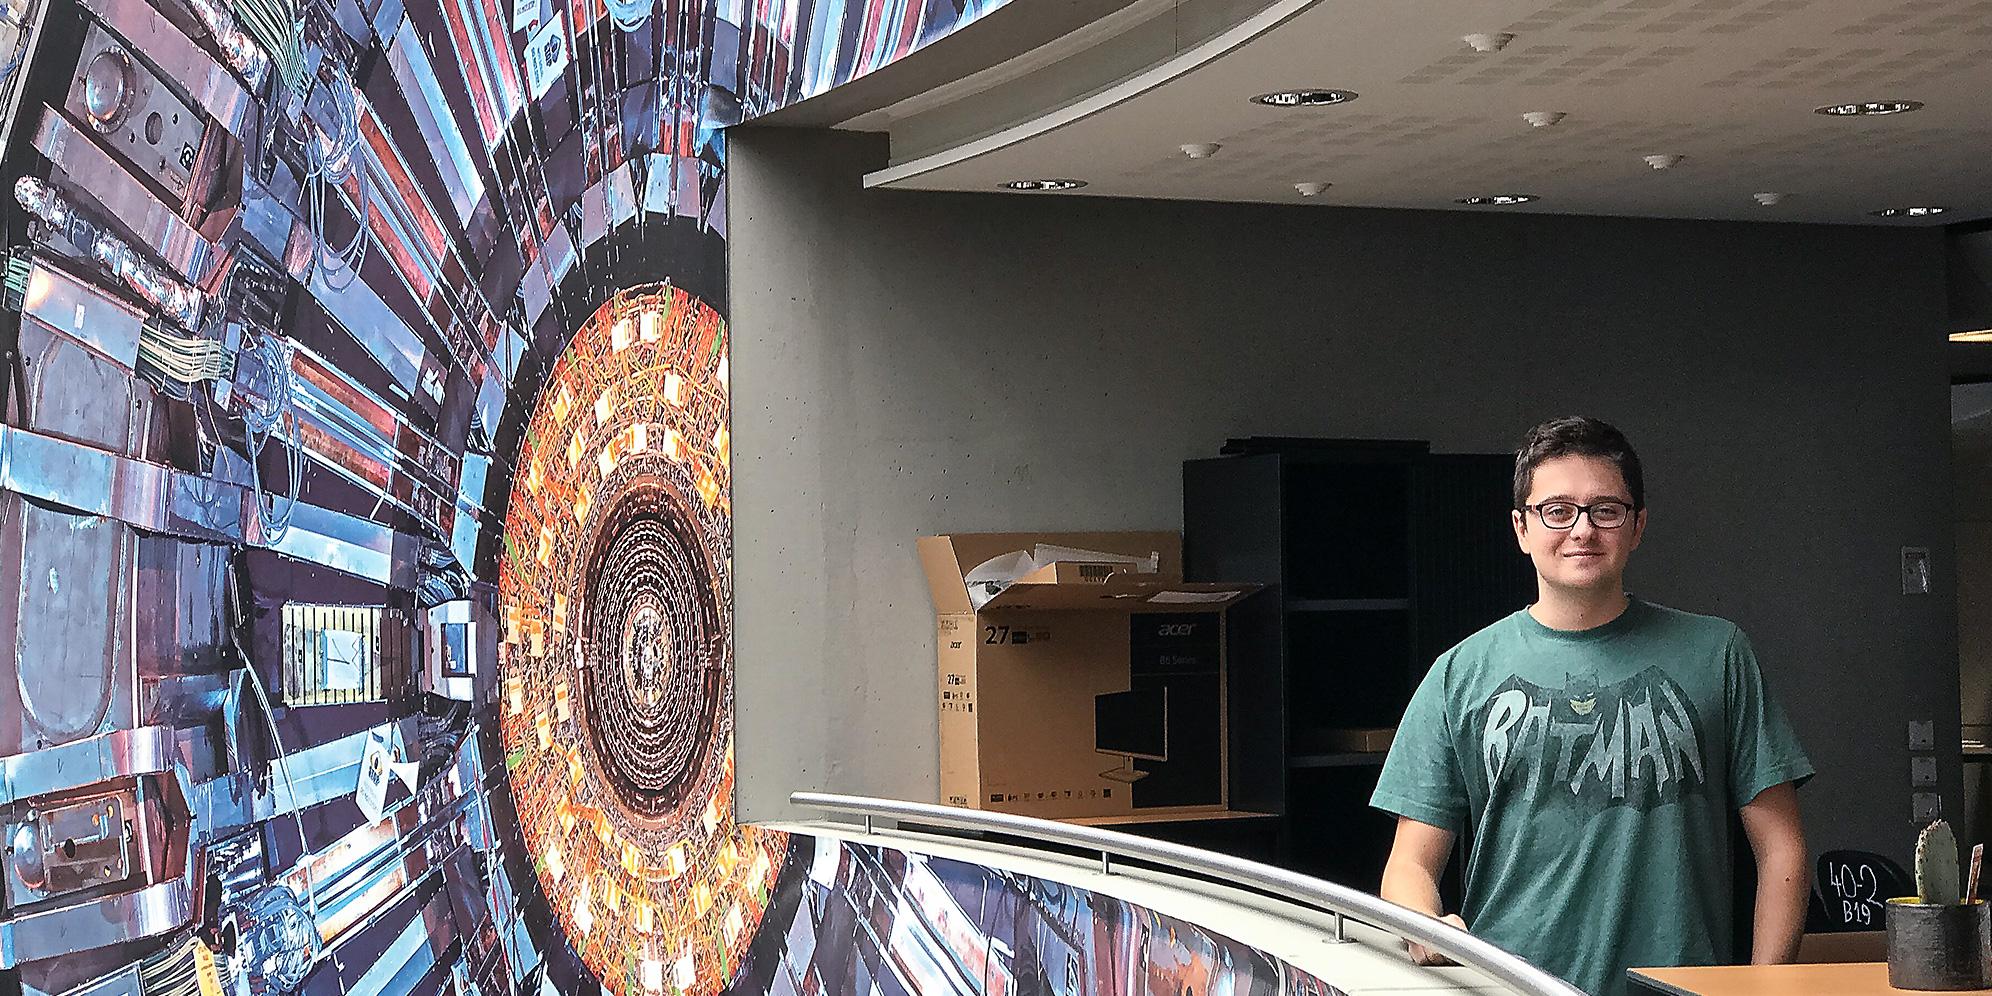 Mladý informatik už ve druháku ladí přístroje v CERN